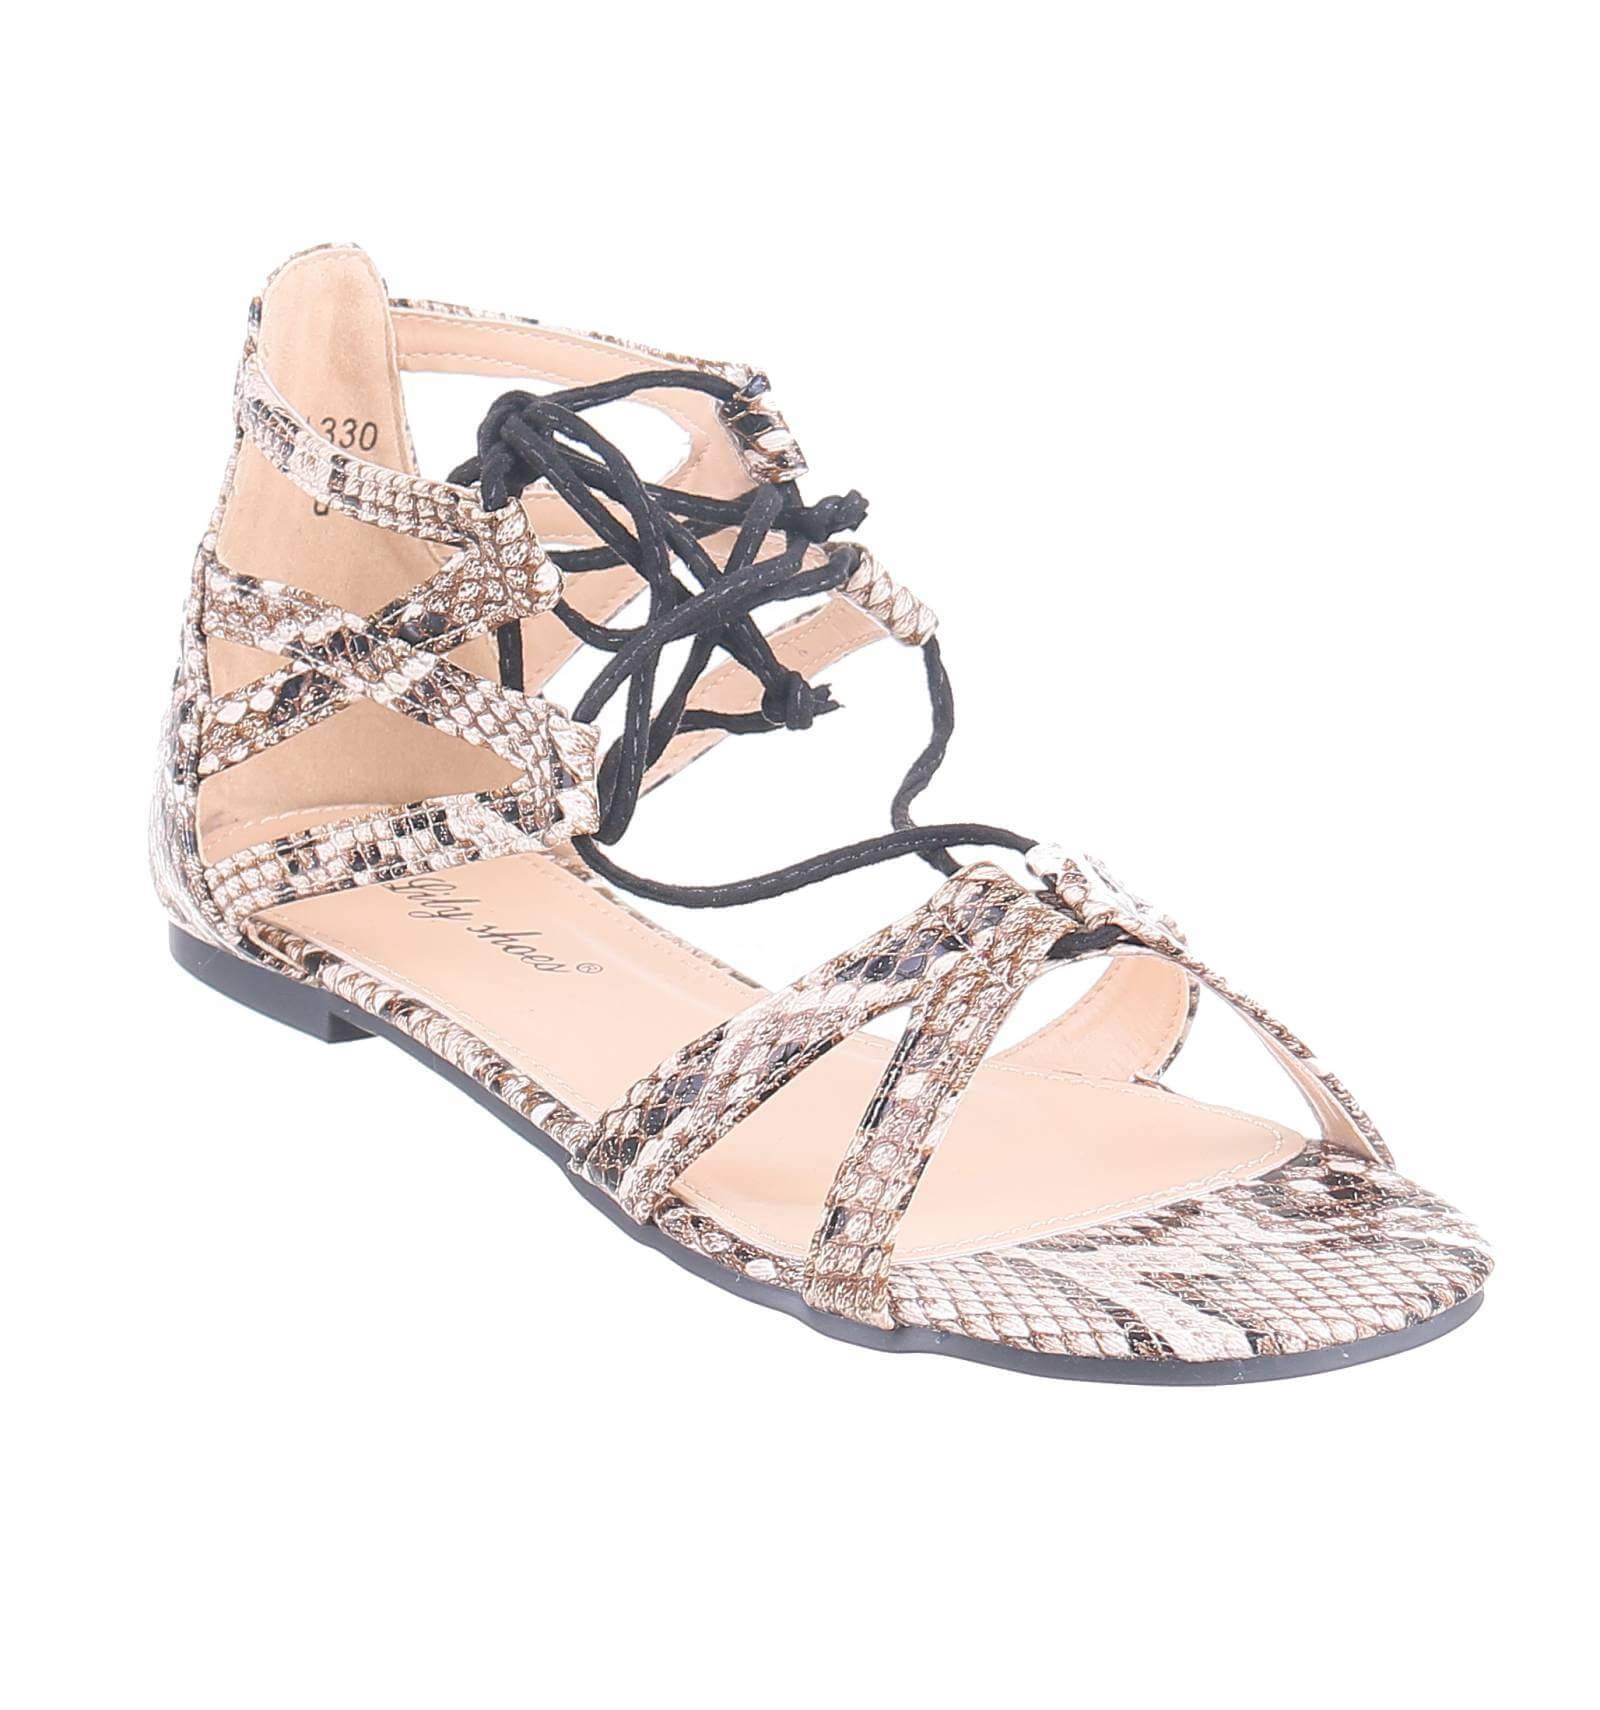 7ce97c760 Sandale femme plate simili cuir aspect serpent lacets montants LESLEY